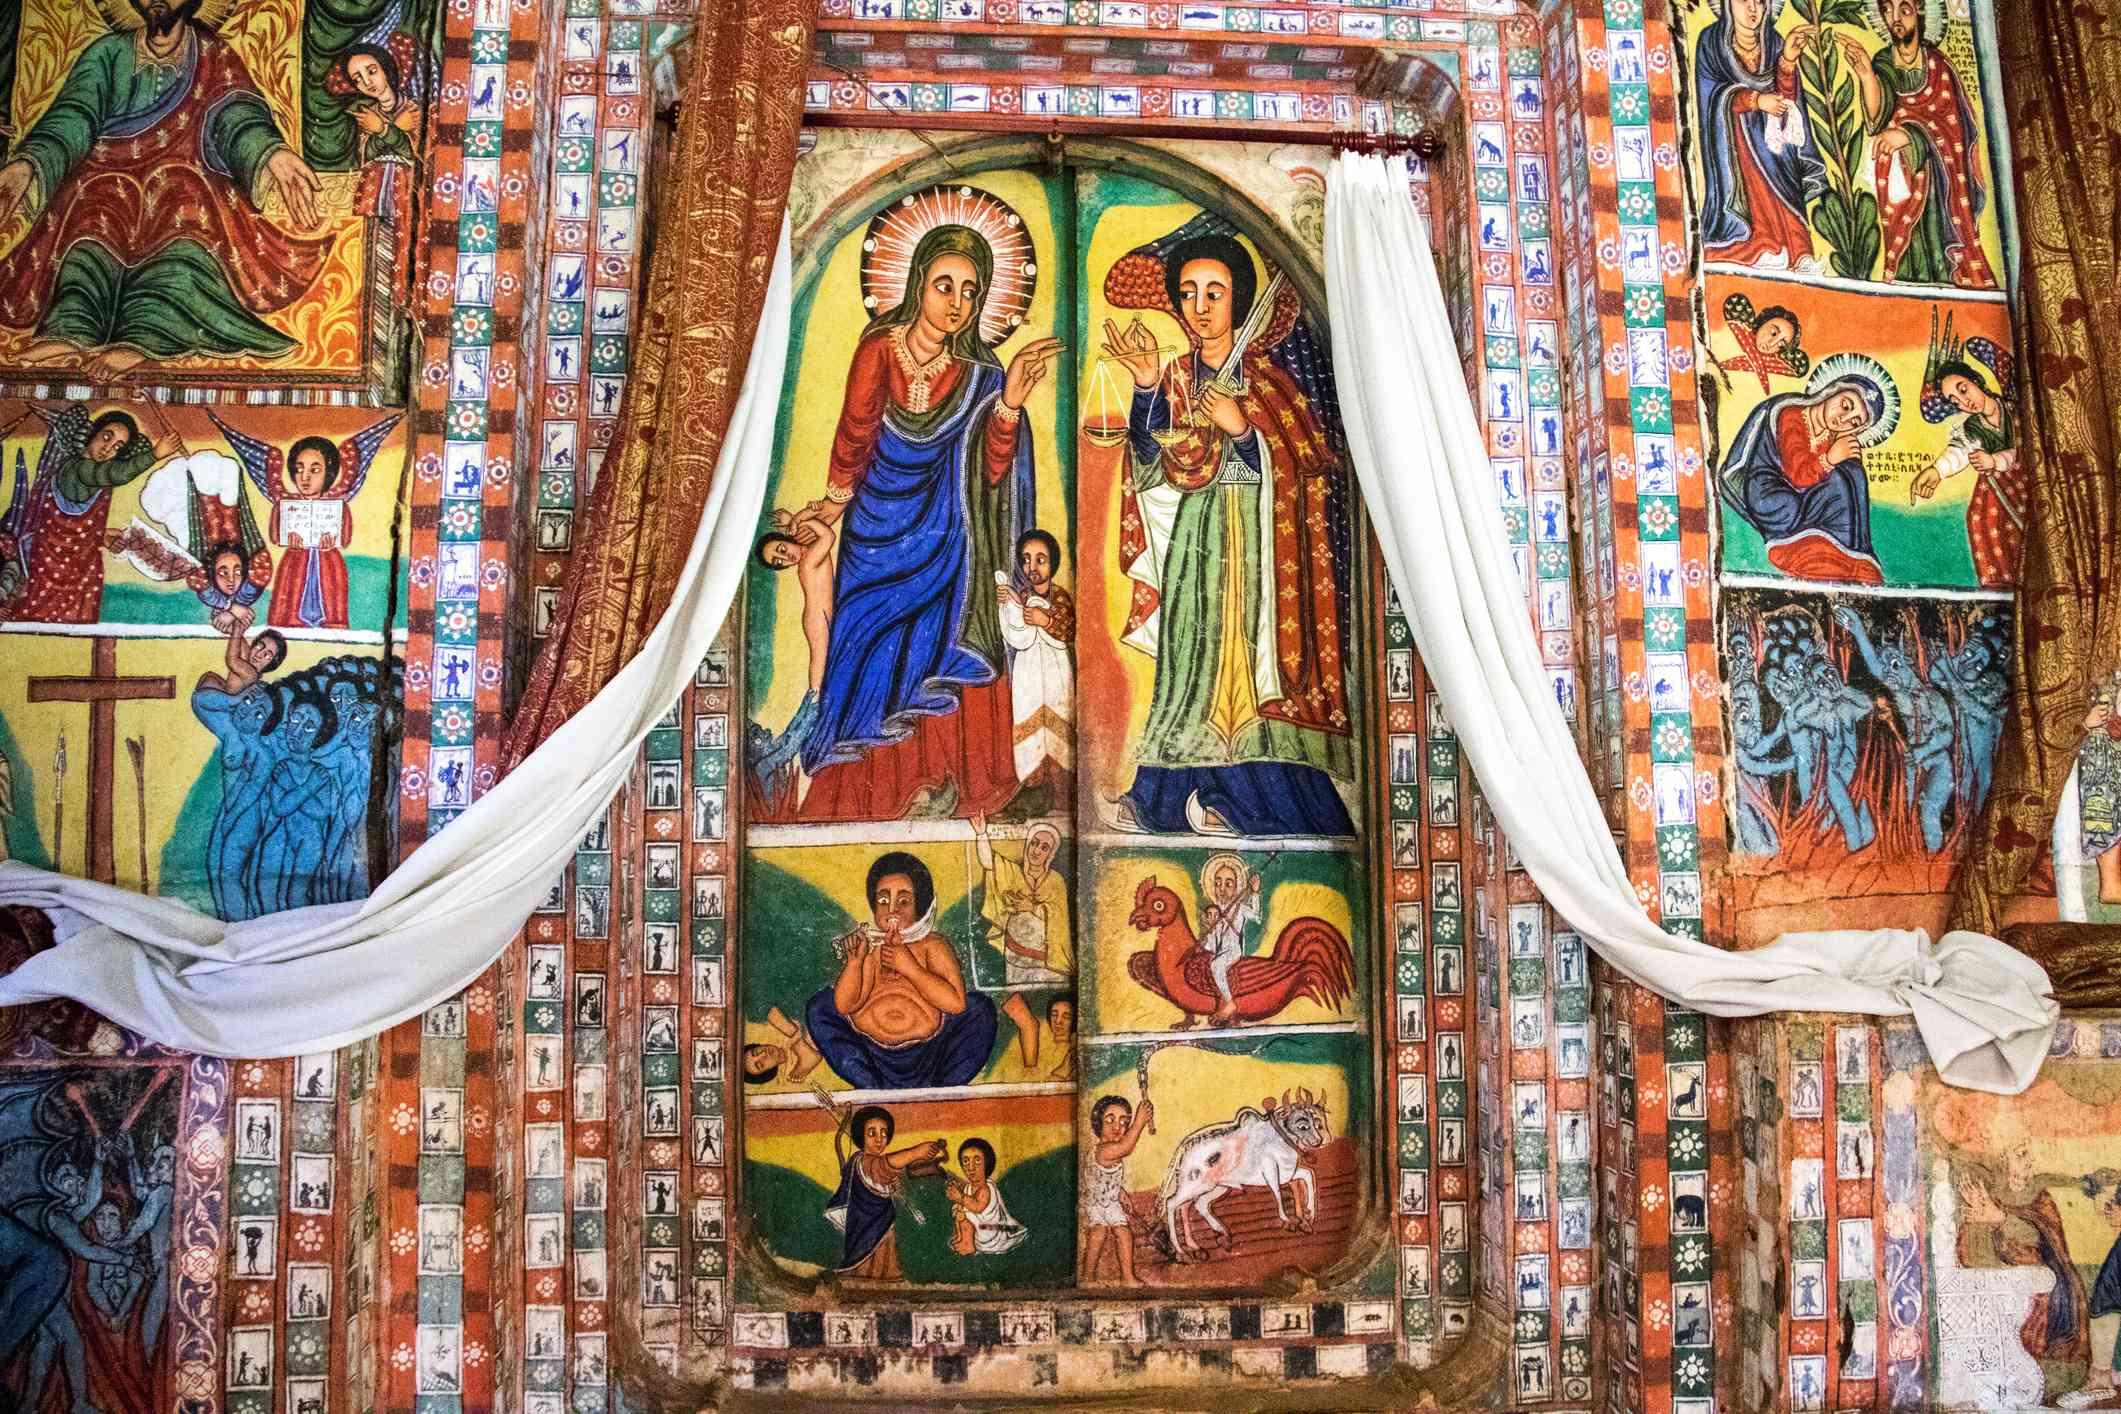 Religious frescoes in a monastery on Lake Tana, Ethiopia